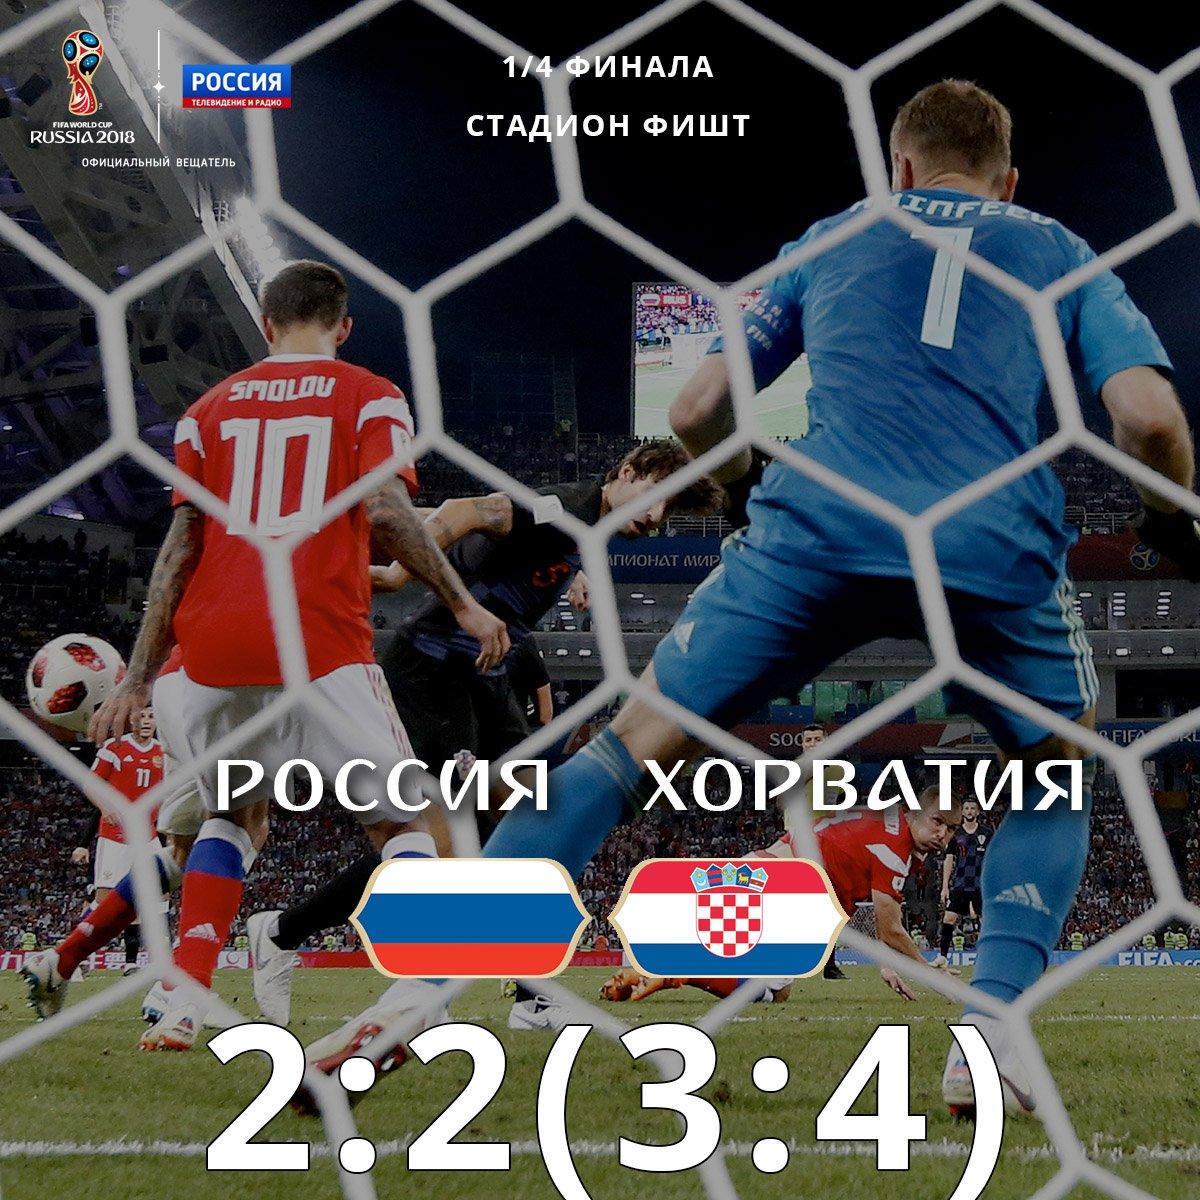 Мы говорим СПАСИБО нашей сборной за достойное выступление на Чемпионате мира по футболу!   РОССИЯ – ХОРВАТИЯ. ИТОГОВЫЙ СЧЕТ 2:2 (3:4)!  #WorldCup #ЧМ2018